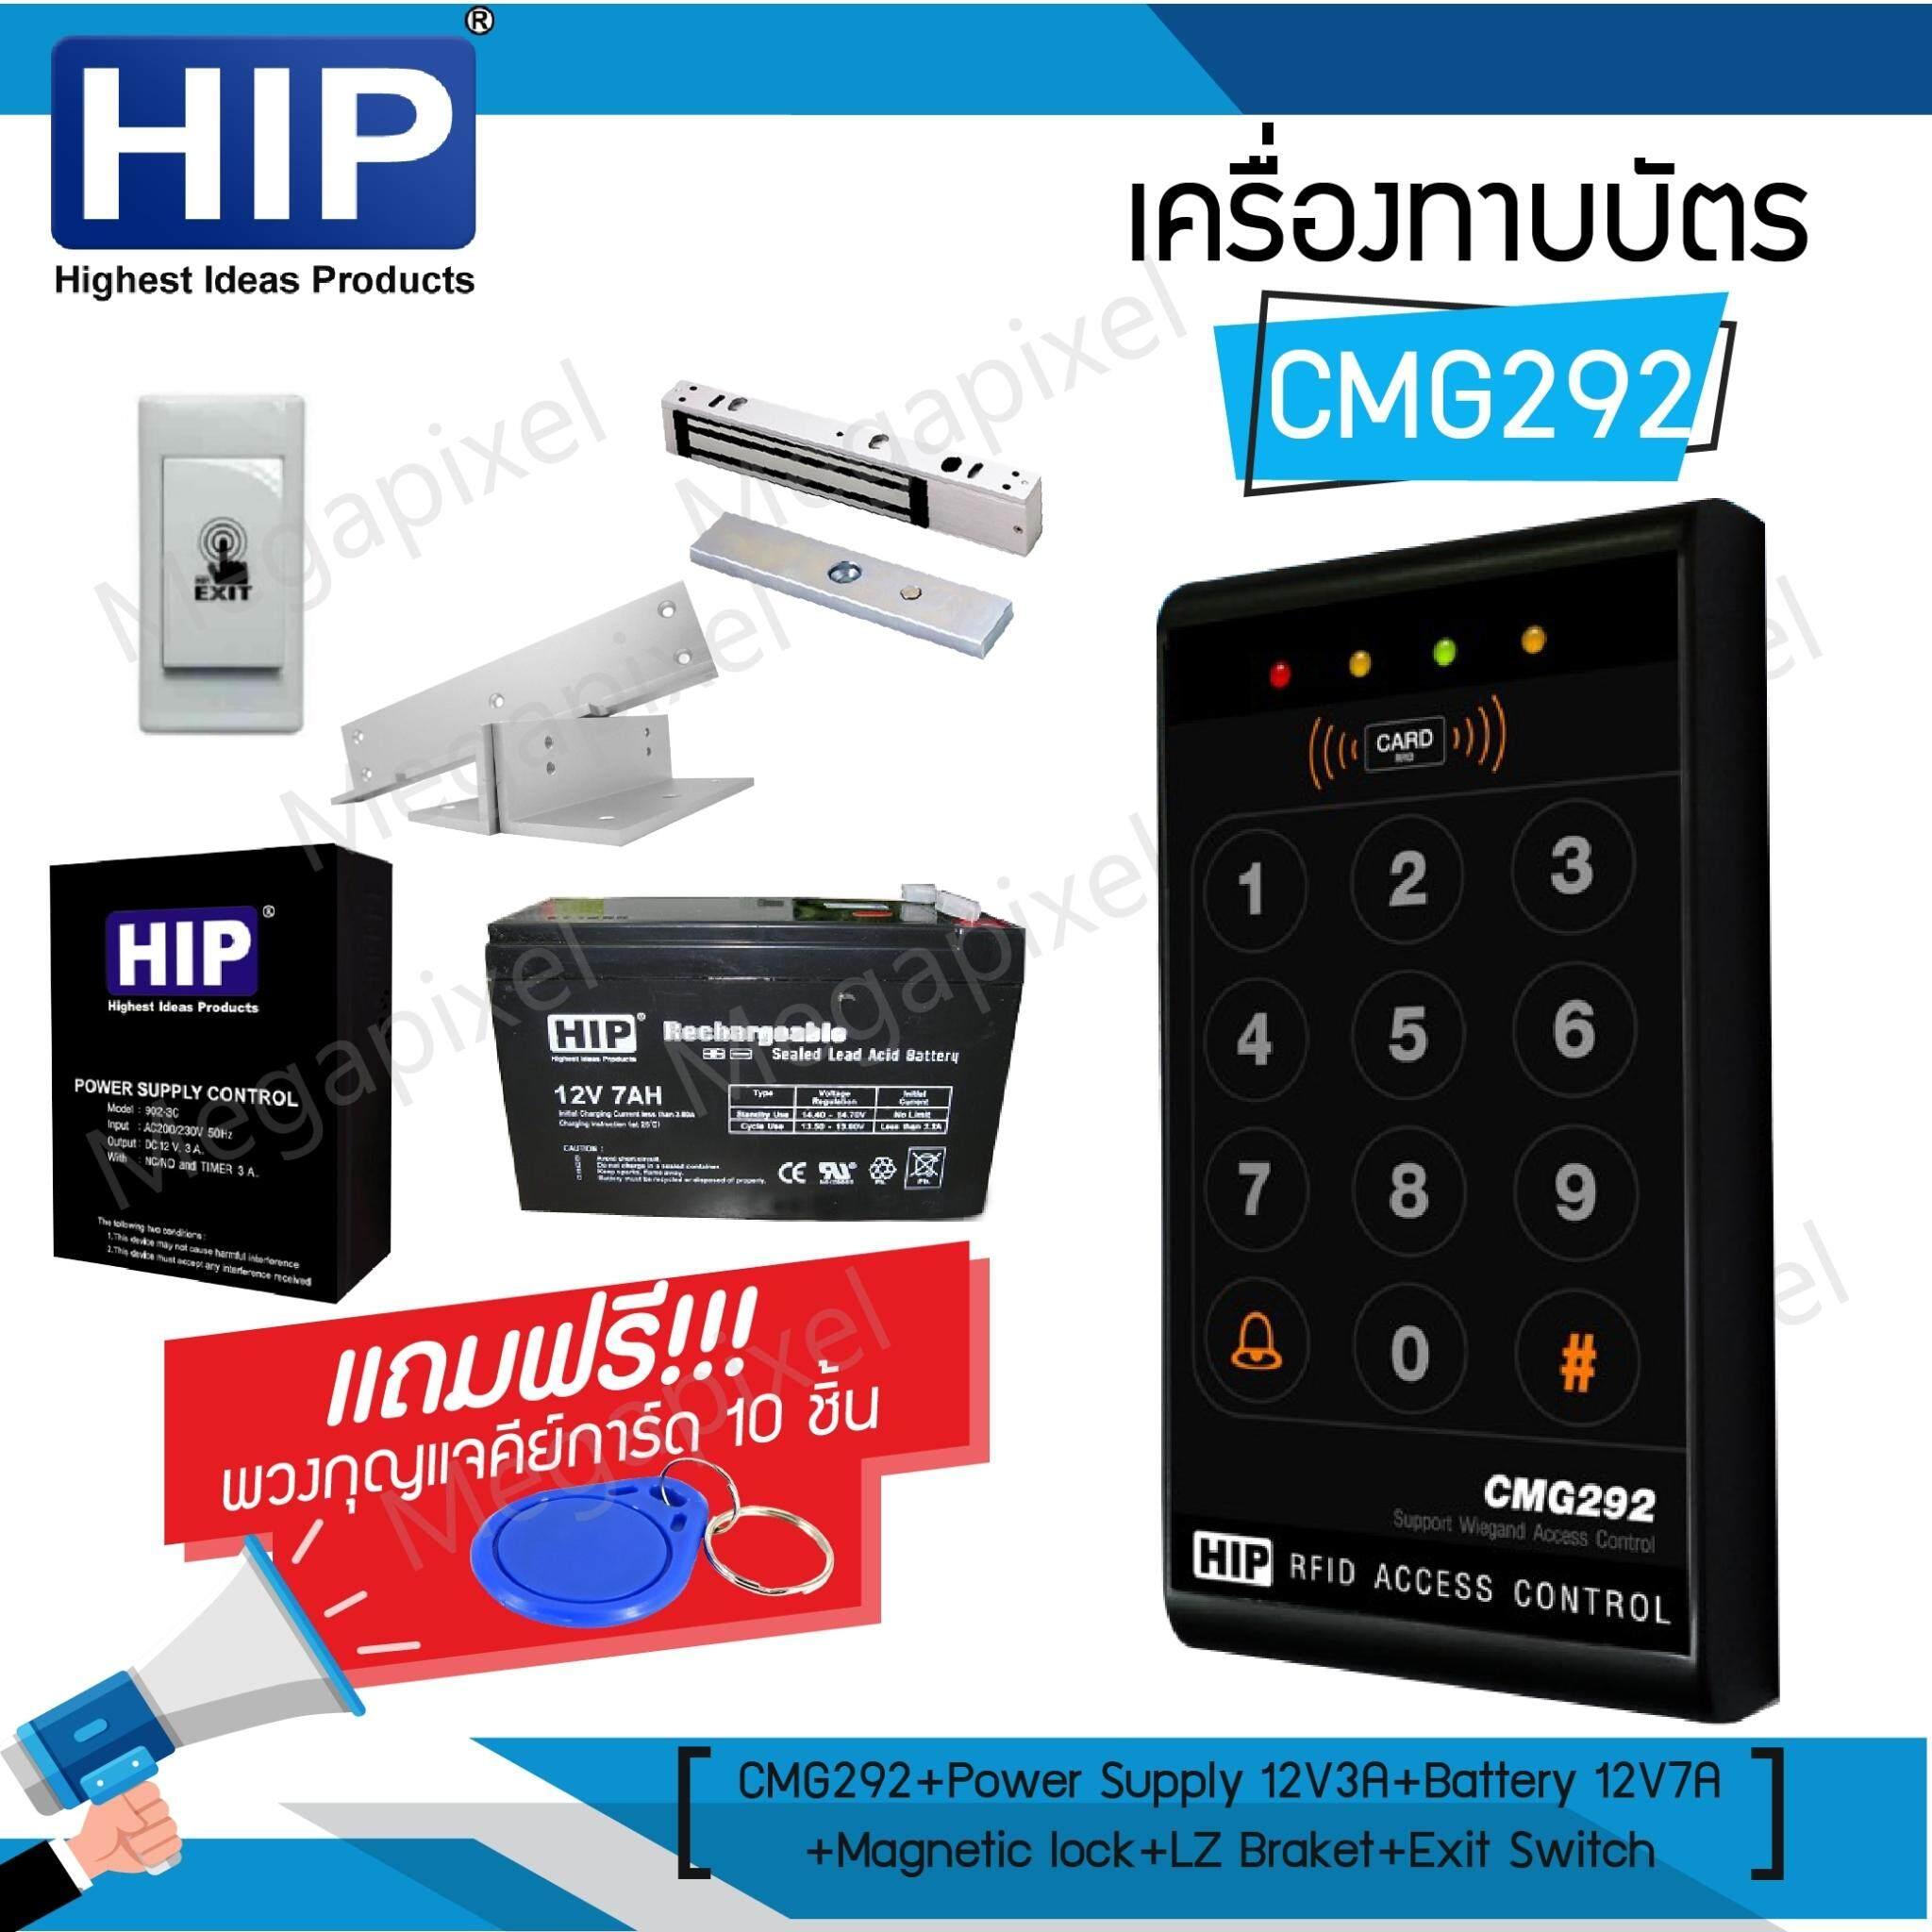 HIP CMG292 เครื่องทาบบัตร Access Control สำหรับควบคุมการเข้าออกประตู